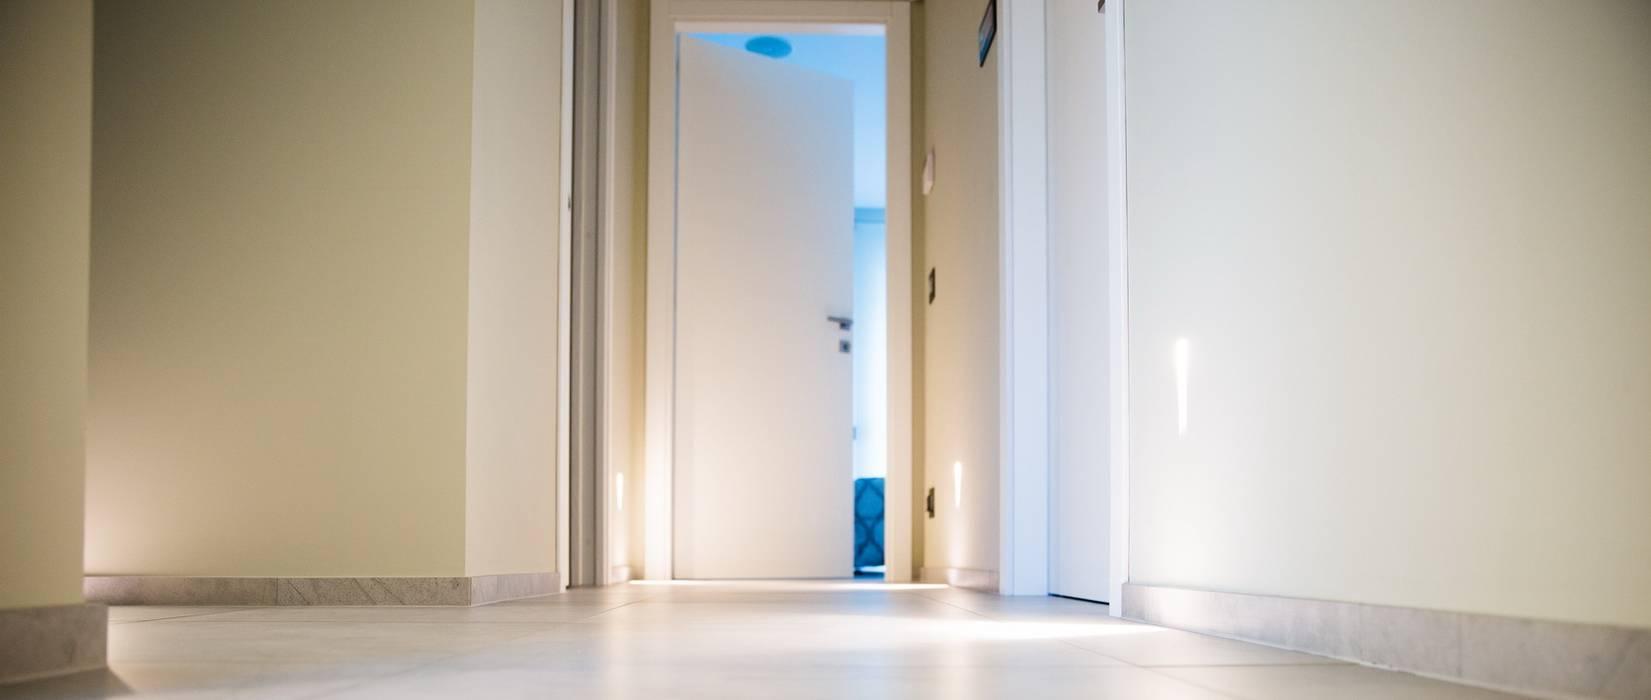 Ristrutturazione di un appartamento: Case in stile in stile Moderno di Geom. Stefano Feliziani